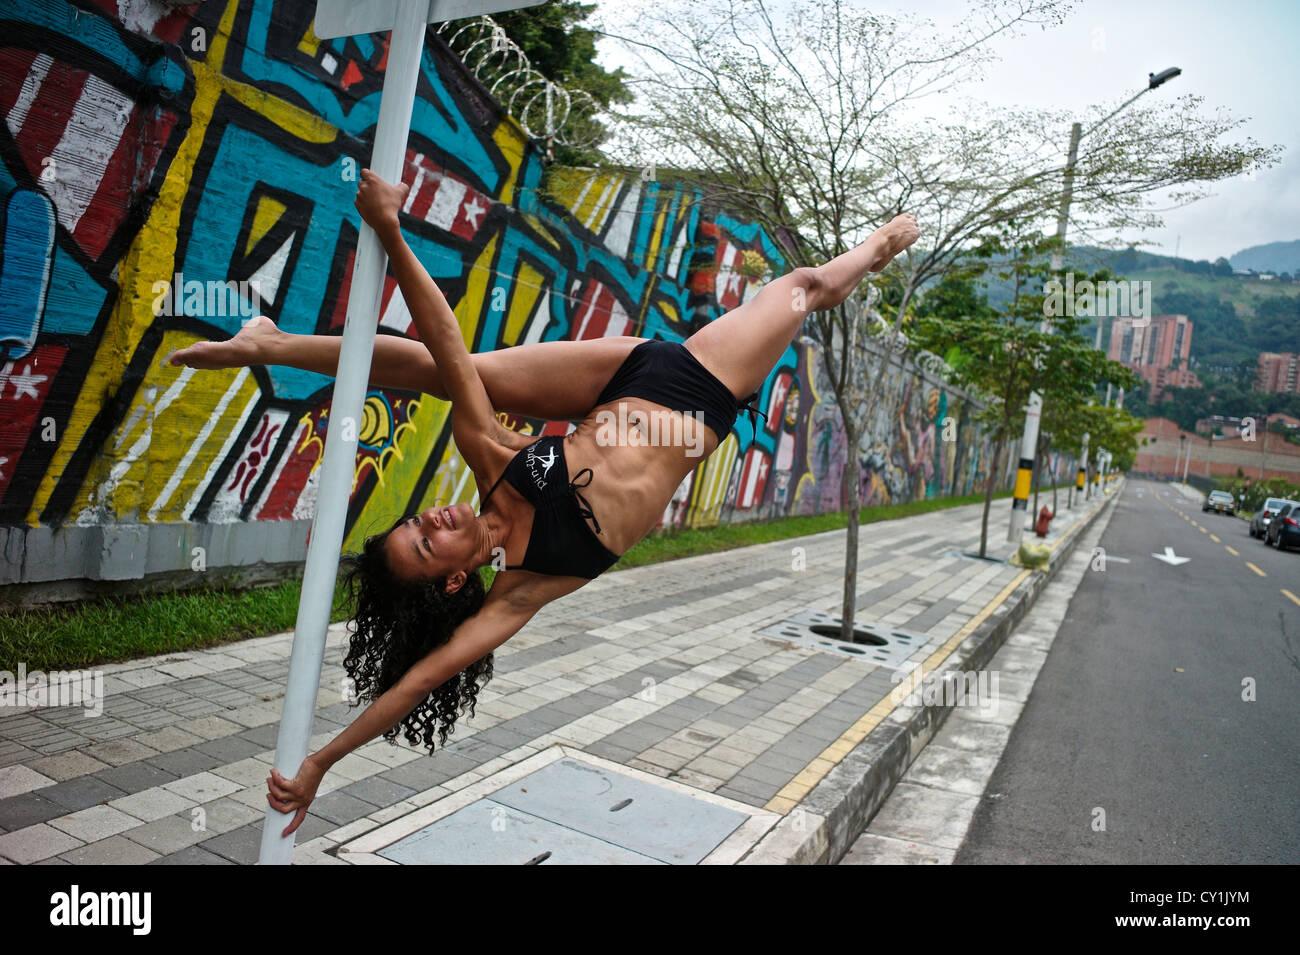 Eine Tänzerin führt eine Pose auf einem Mast im Freien neben einem urban Graffiti. Stockfoto